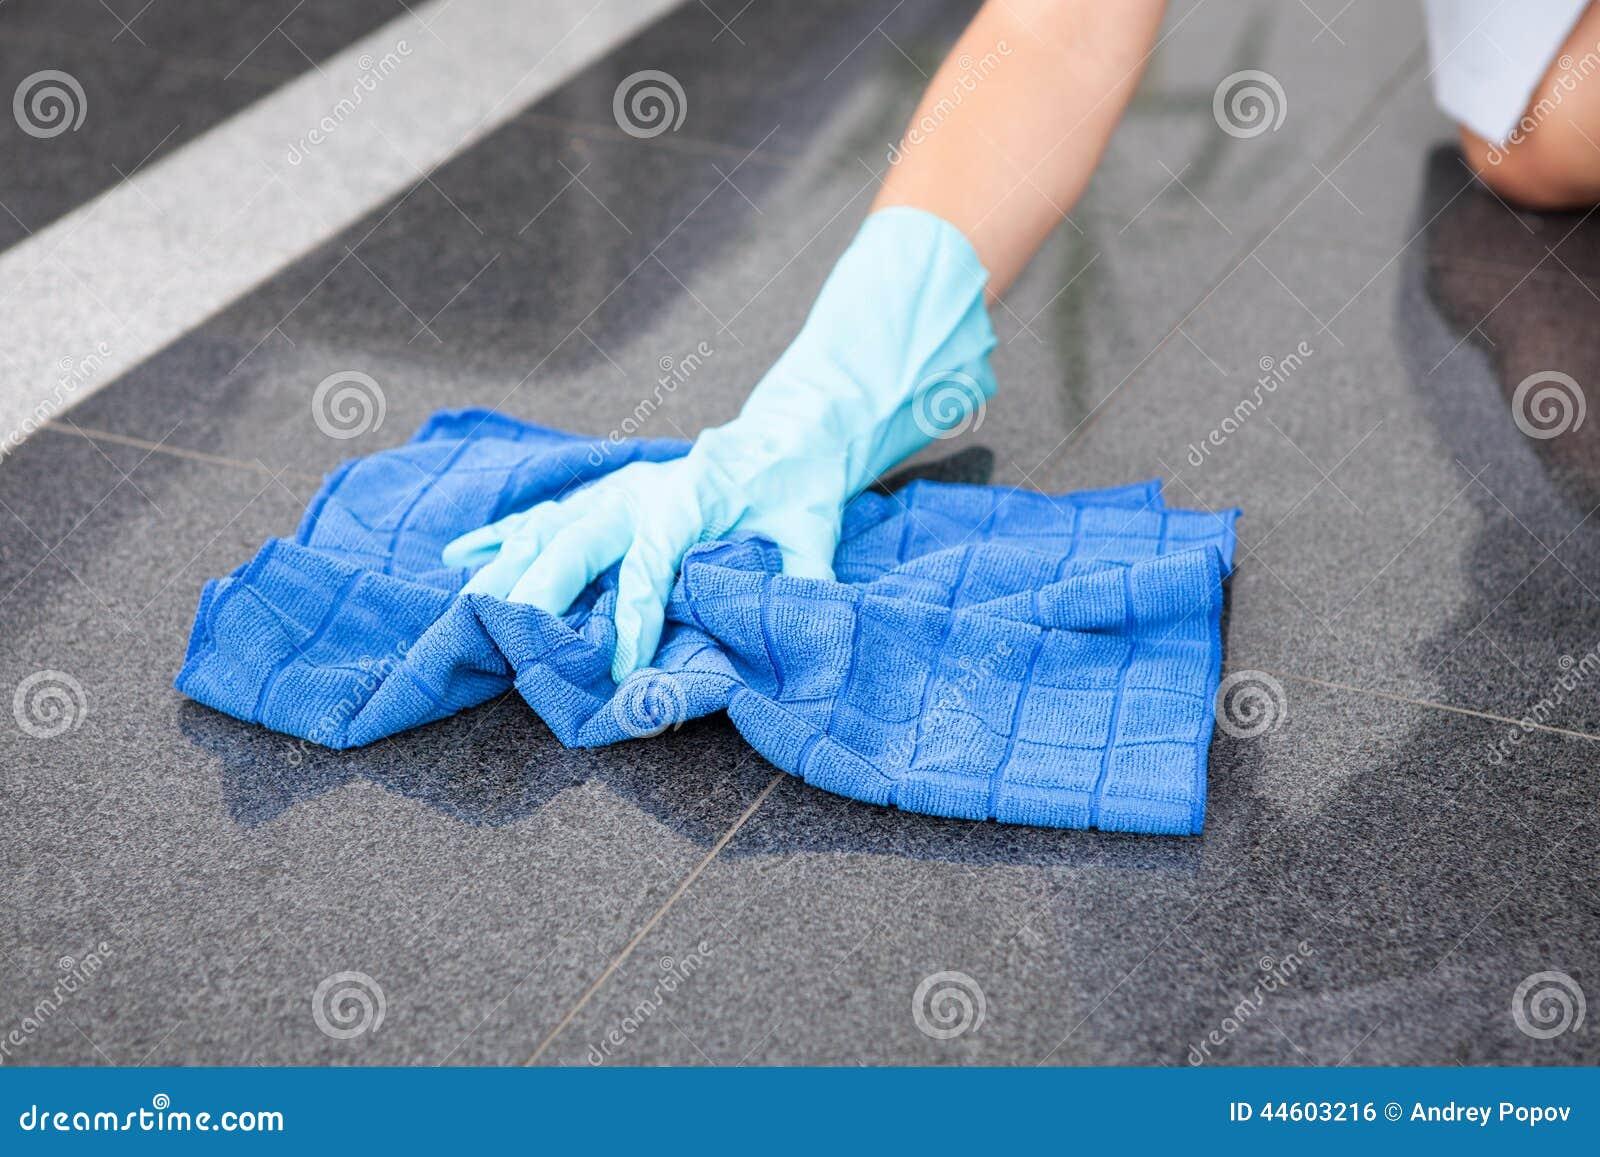 Jong Meisje Cleaning The Floor